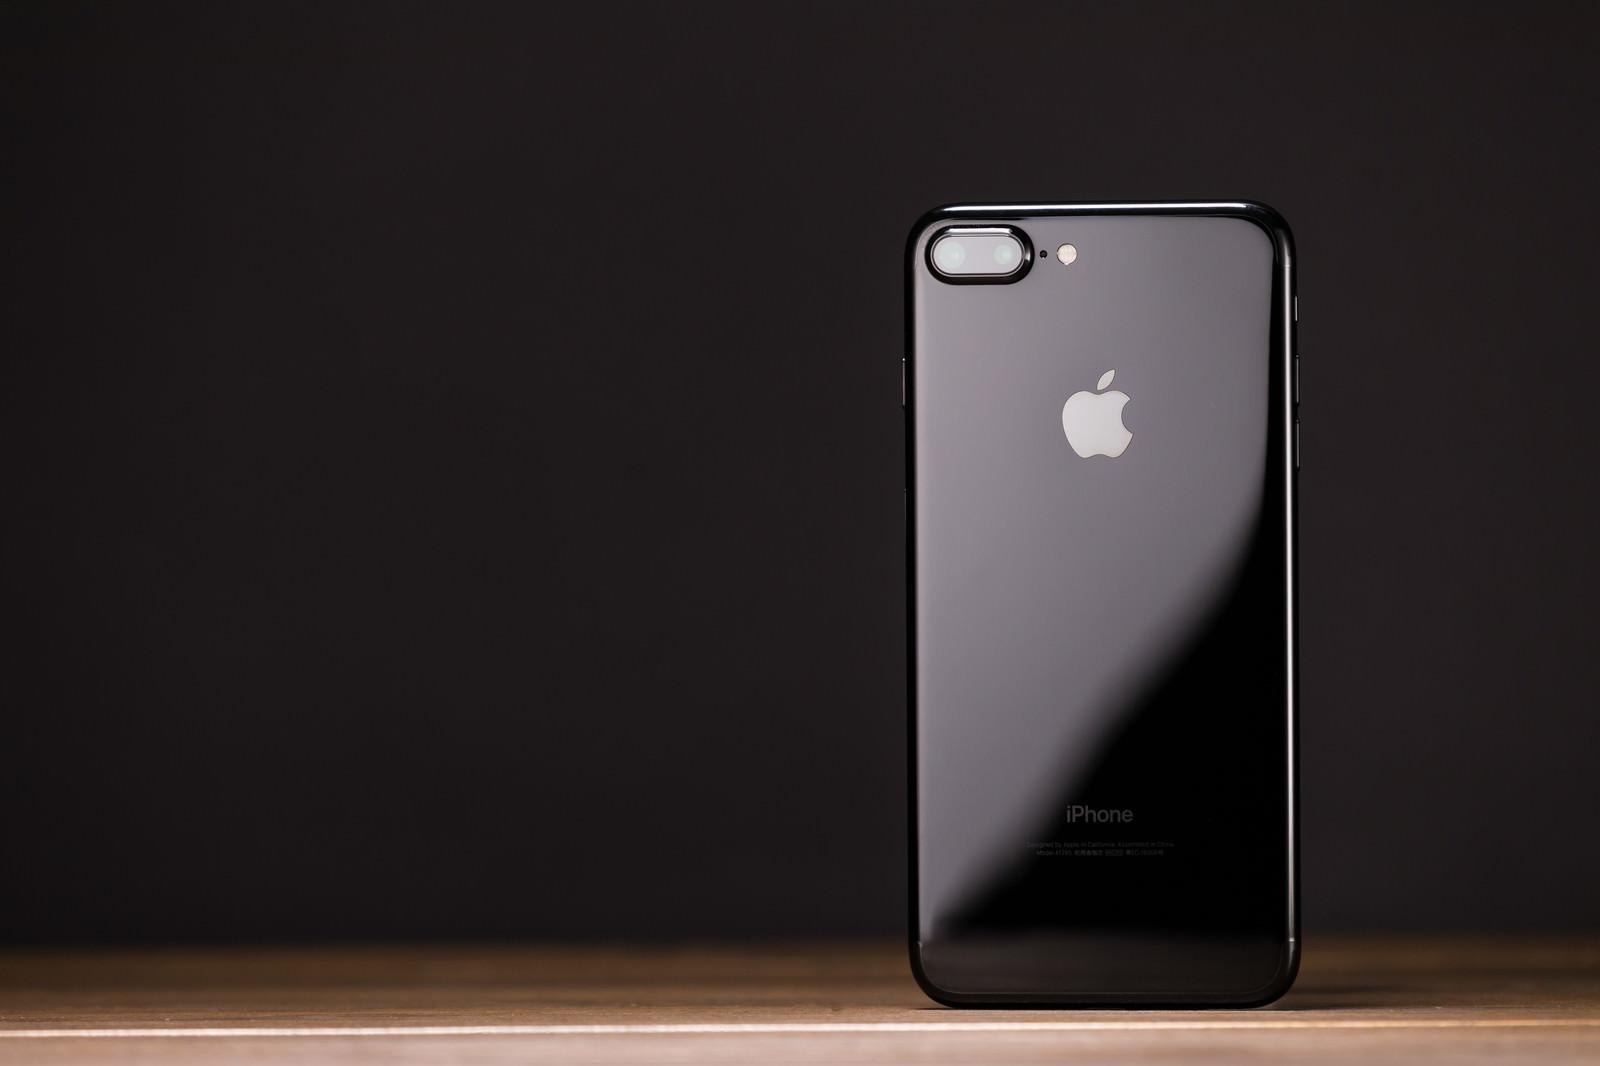 「光沢ツヤ感が美しいスマートフォン光沢ツヤ感が美しいスマートフォン」のフリー写真素材を拡大